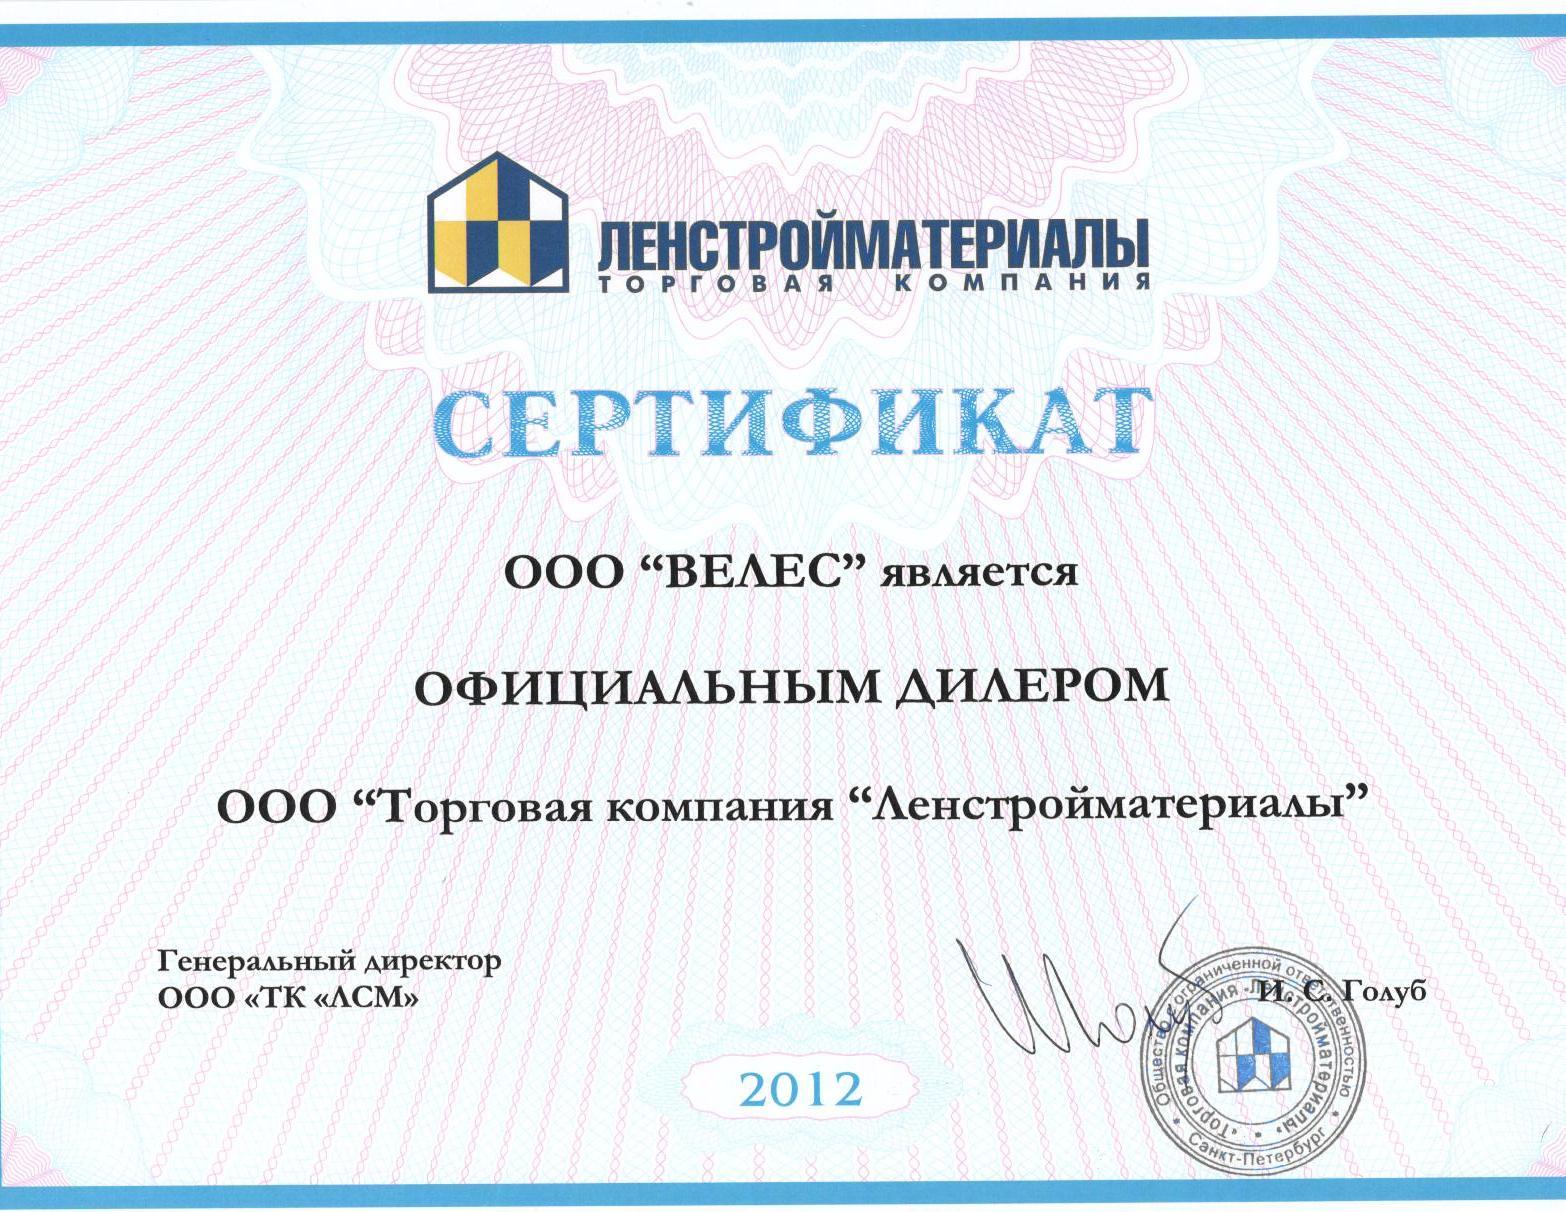 Сертификат подтверждающий дилерство ООО